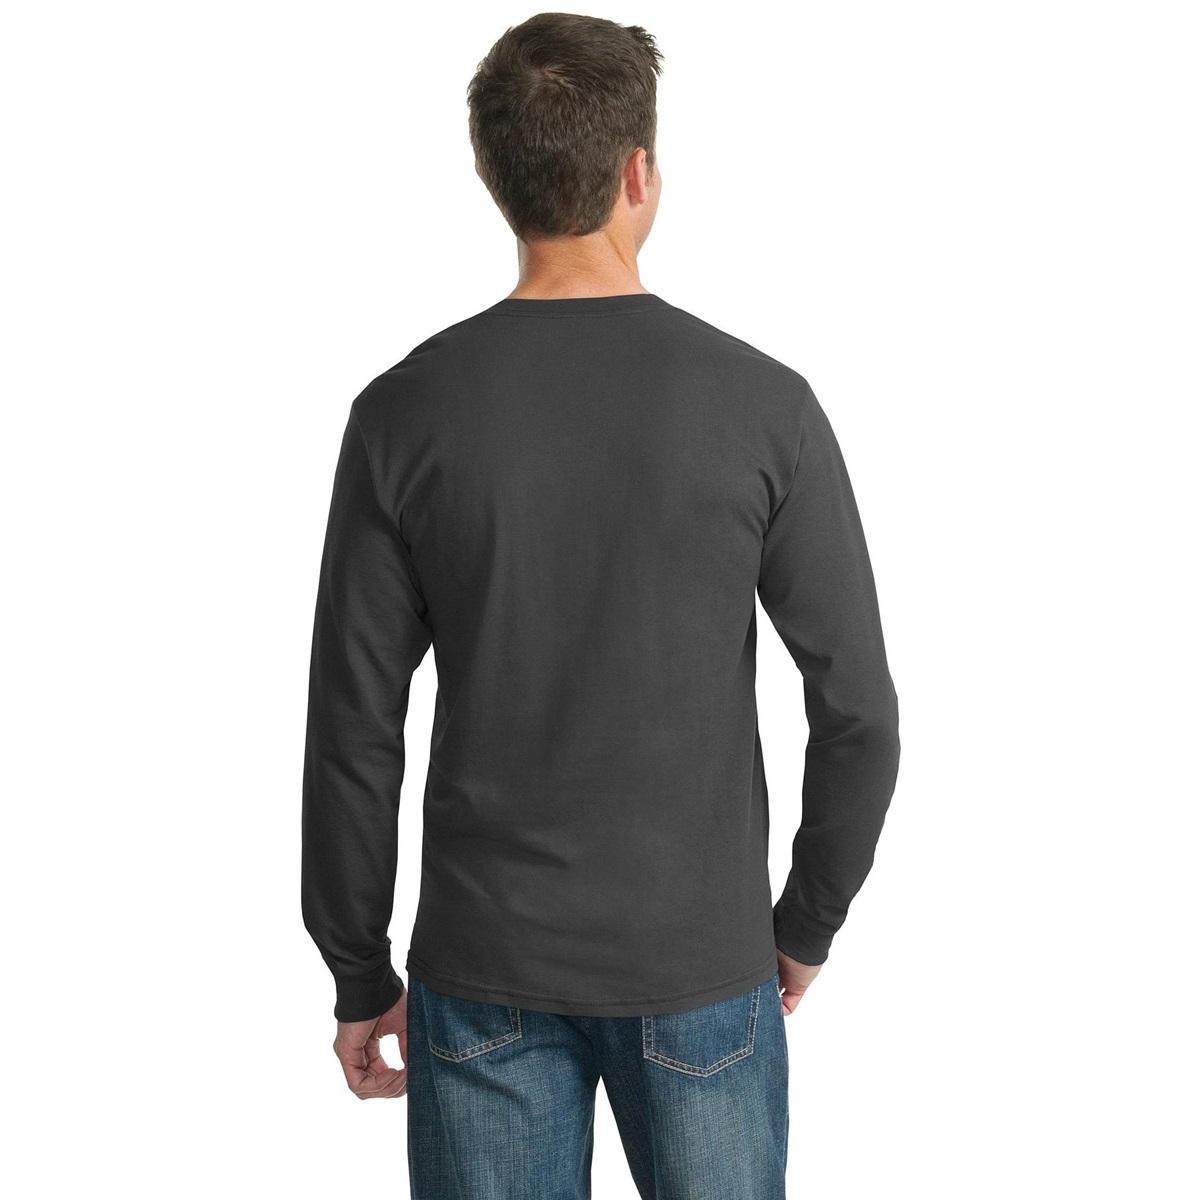 Jerzees 29LS Heavyweight Blend Long Sleeve T-Shirt - Charcoal Grey ...